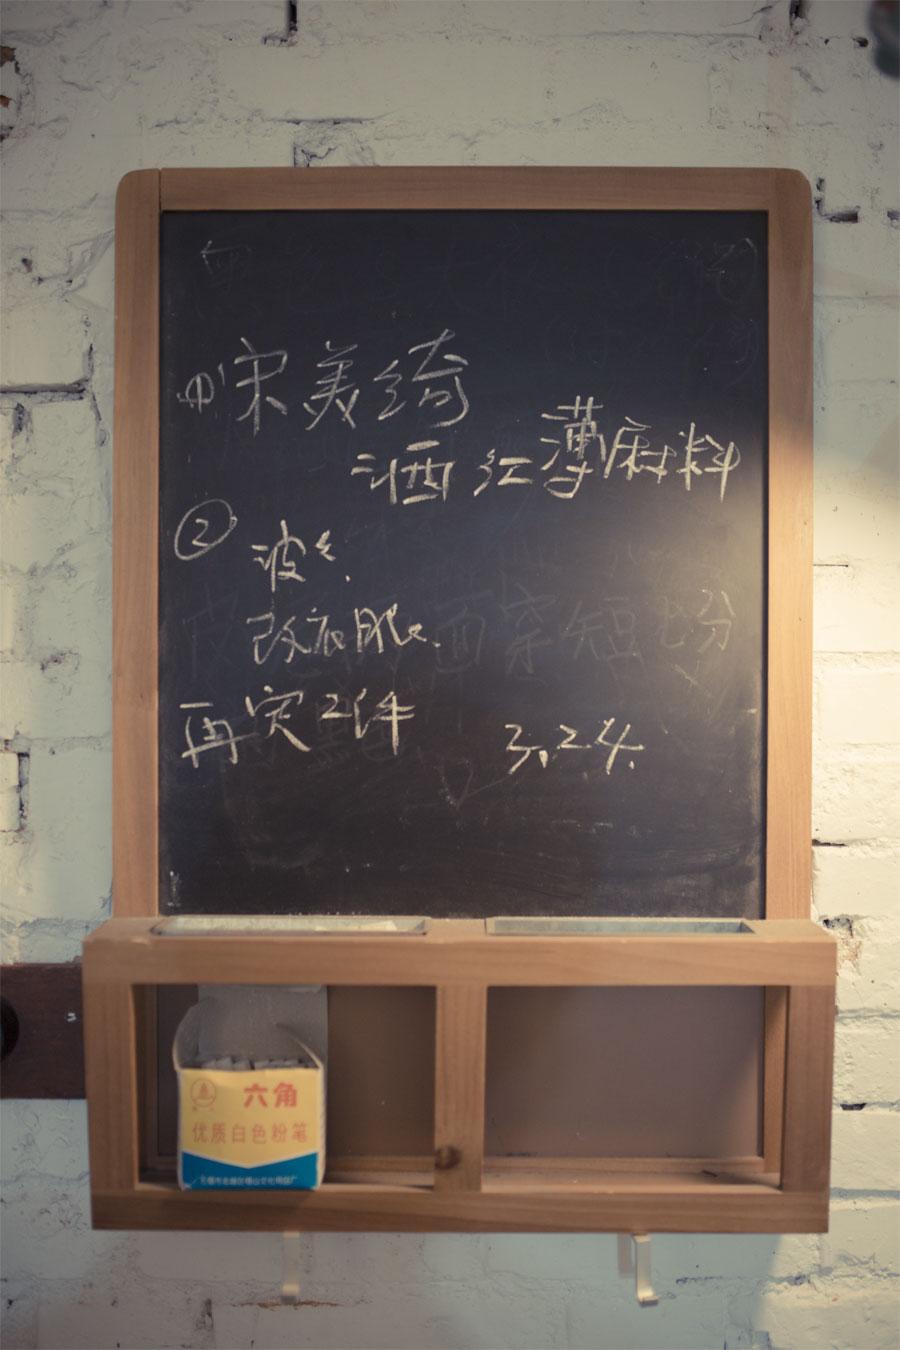 墙壁上的小黑板写着近期的工作任务。